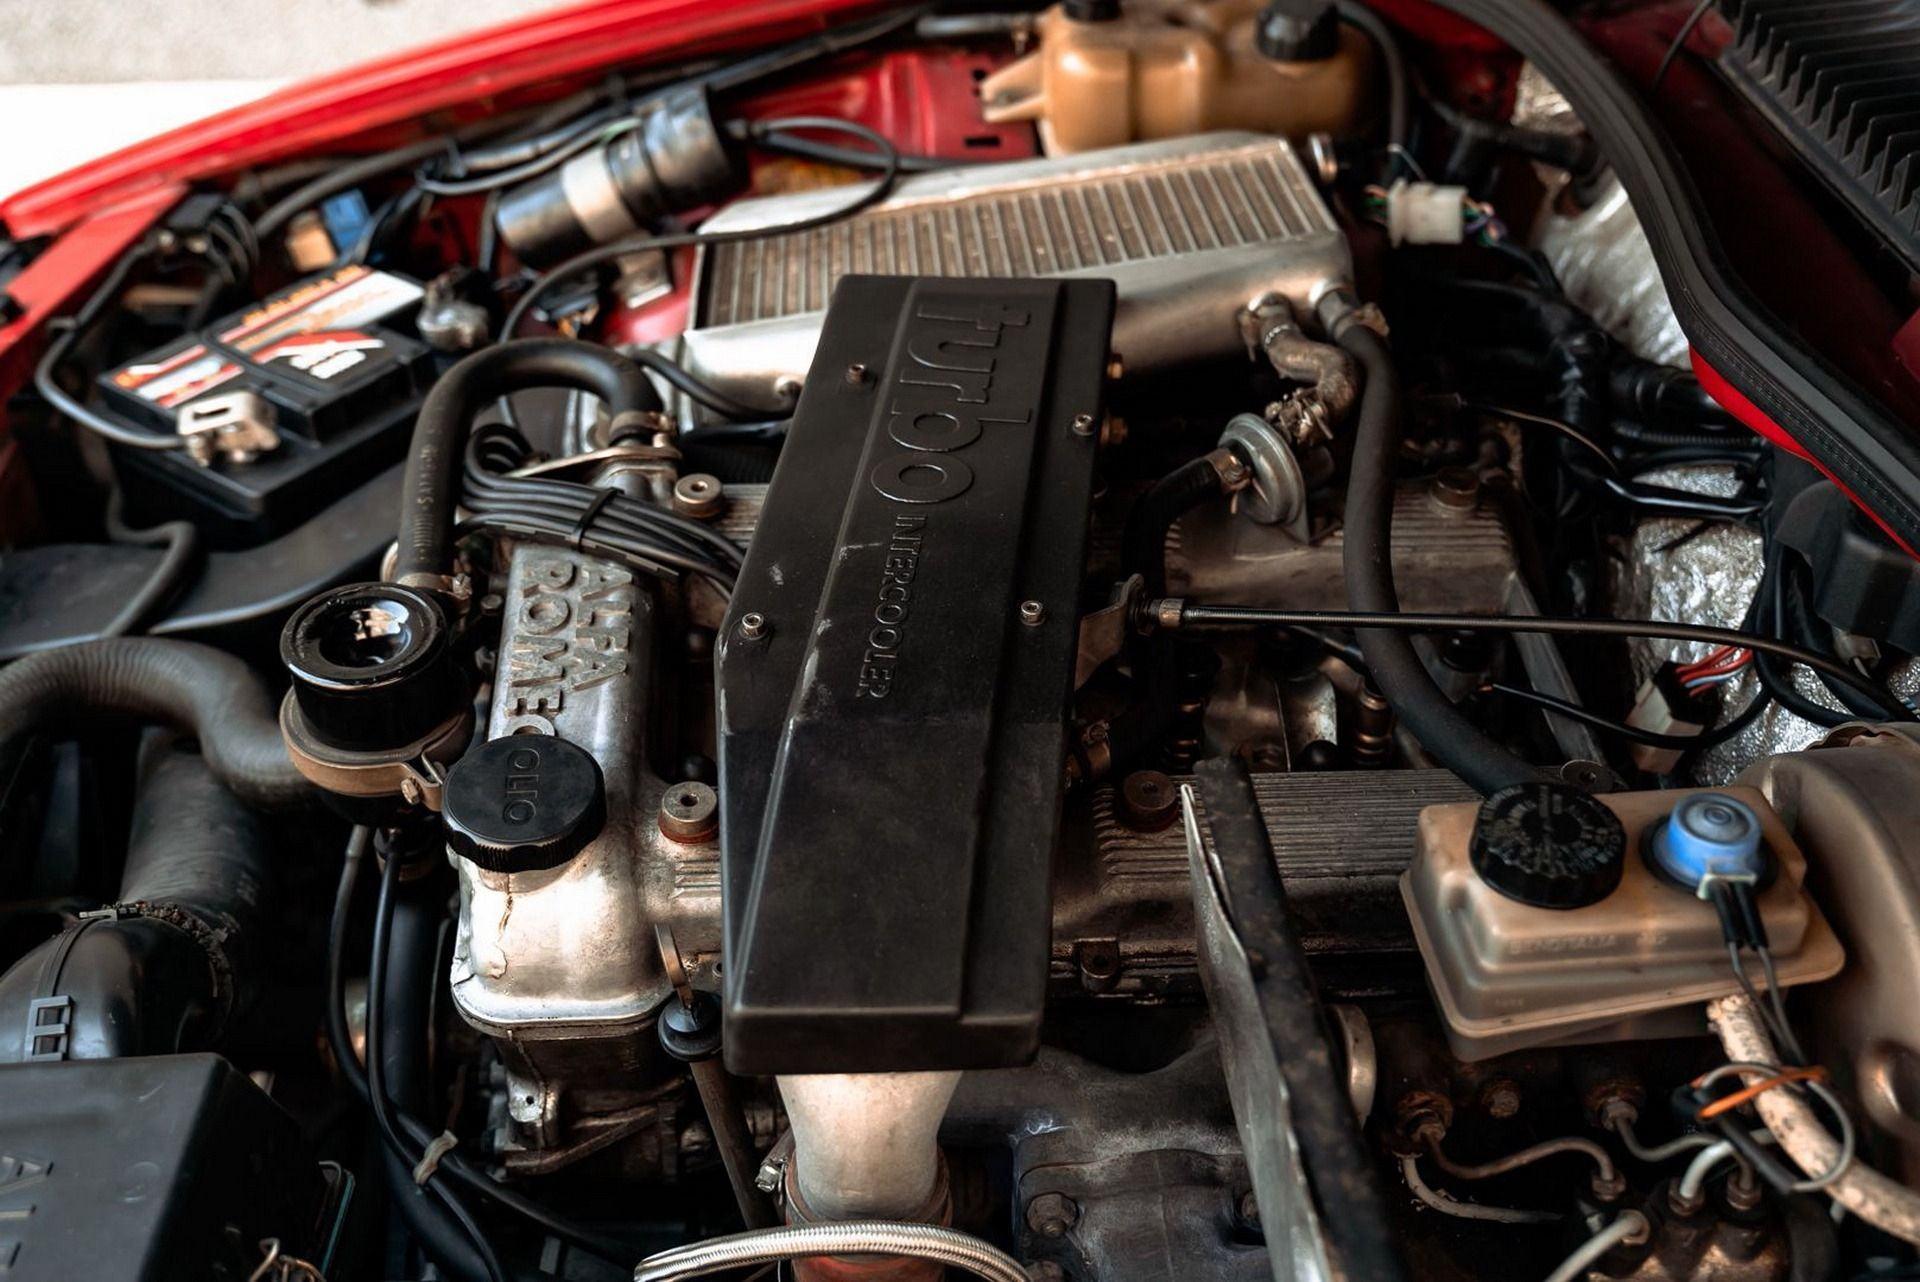 1987_Alfa_Romeo_75_Turbo_Evoluzione_sale-0005